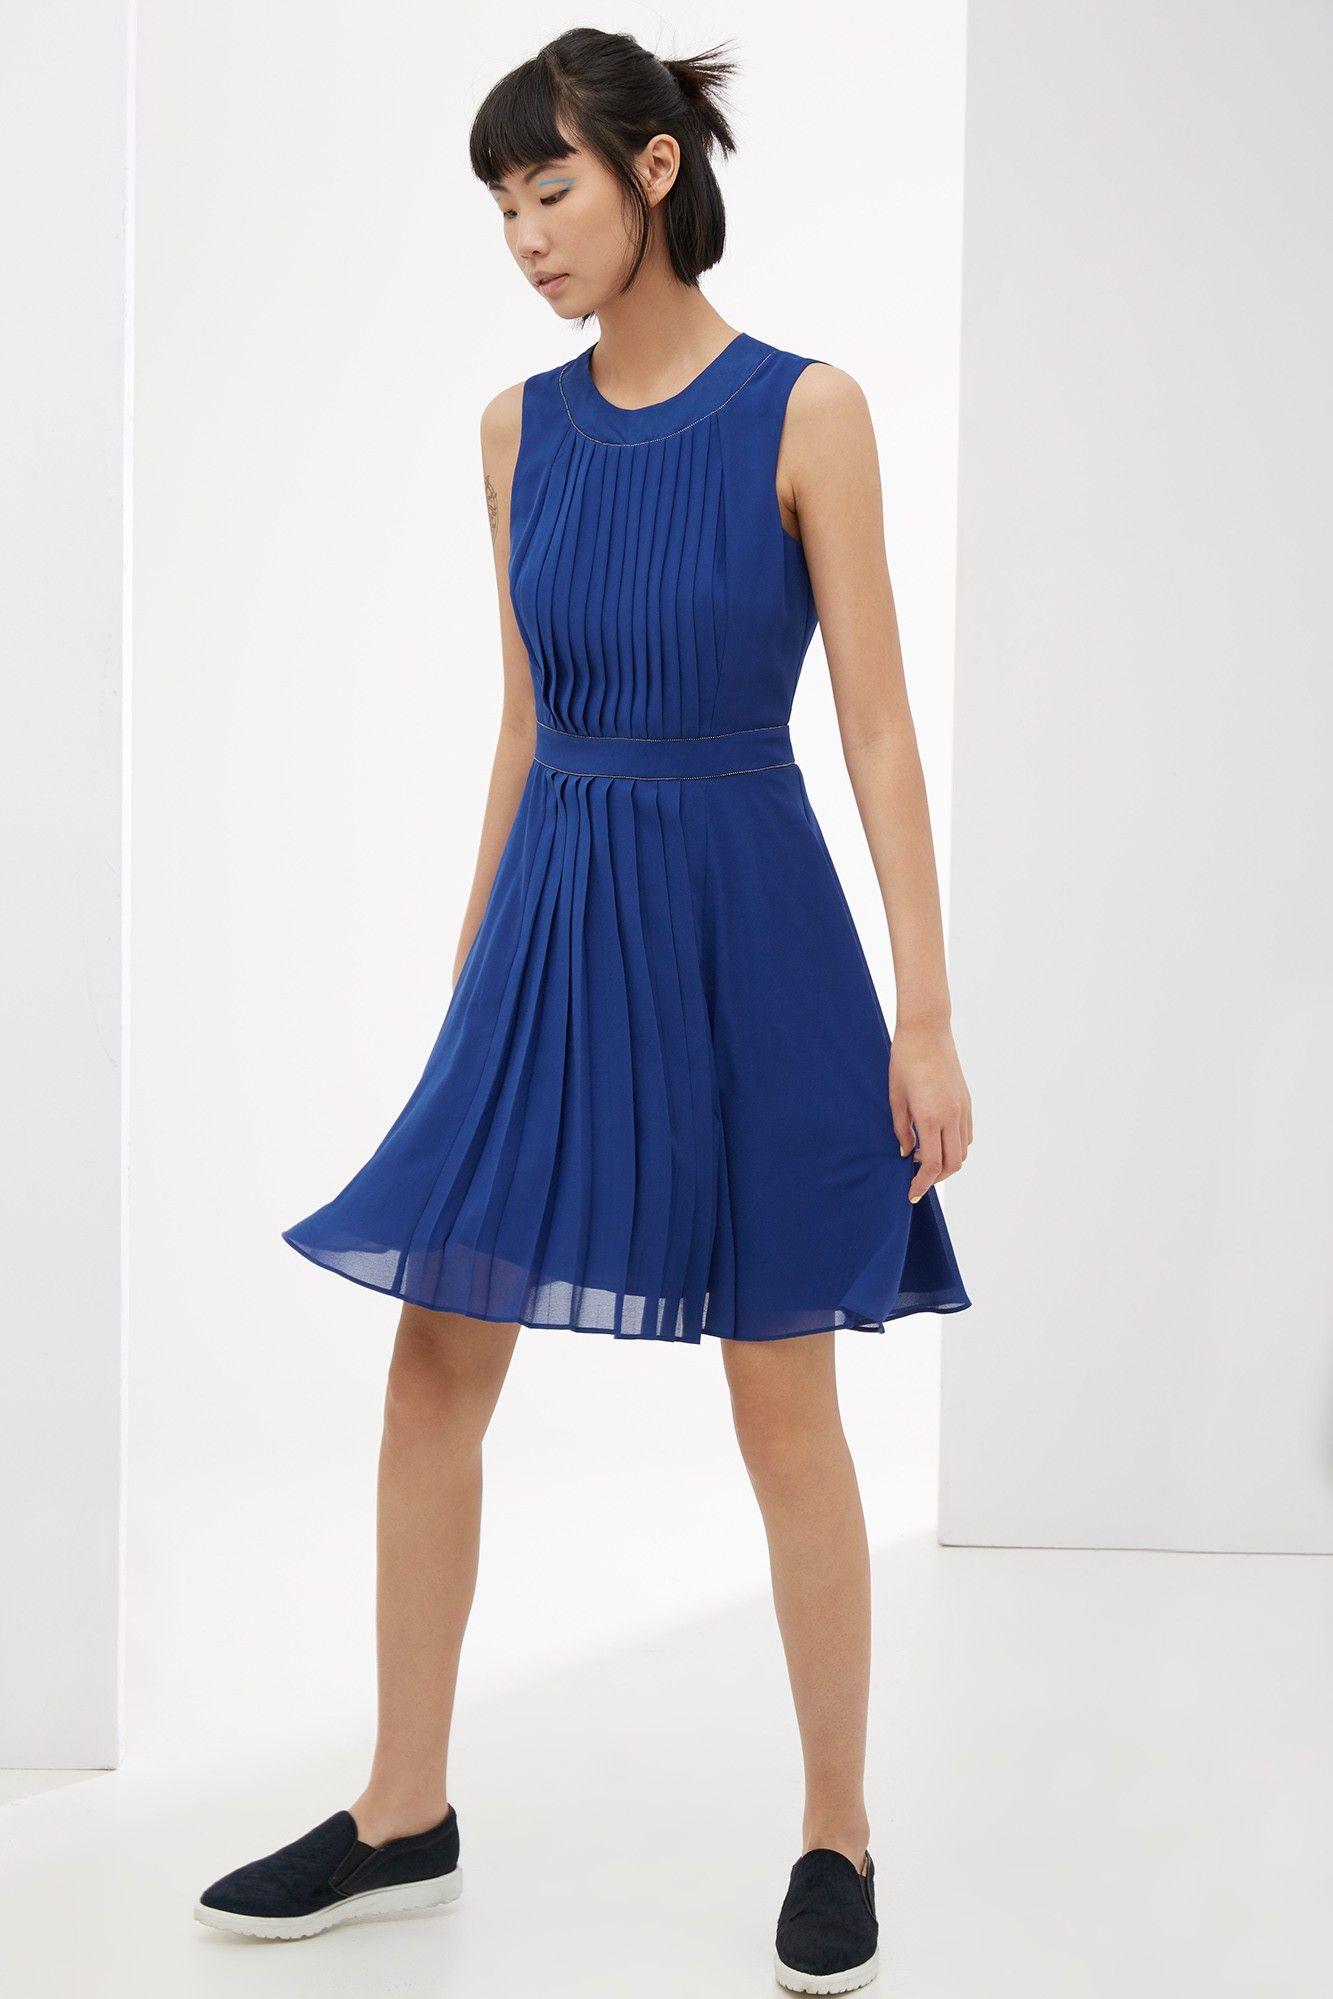 Vestido fluido con pliegues vestidos adolfo dominguez for Vestidos adolfo dominguez outlet online